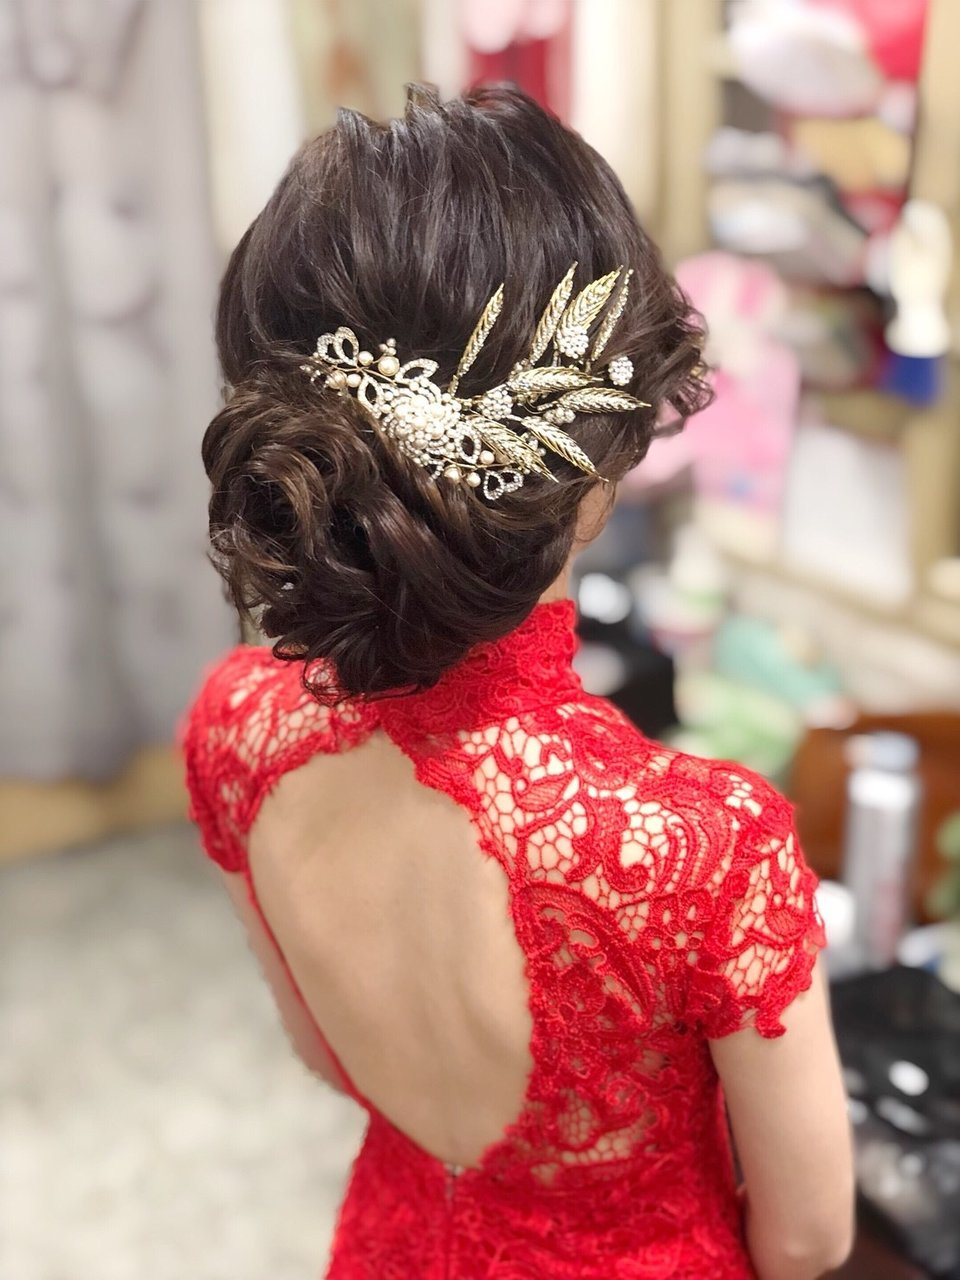 新娘秘書Victor邦/makeup,化腐朽為神奇,美上更美